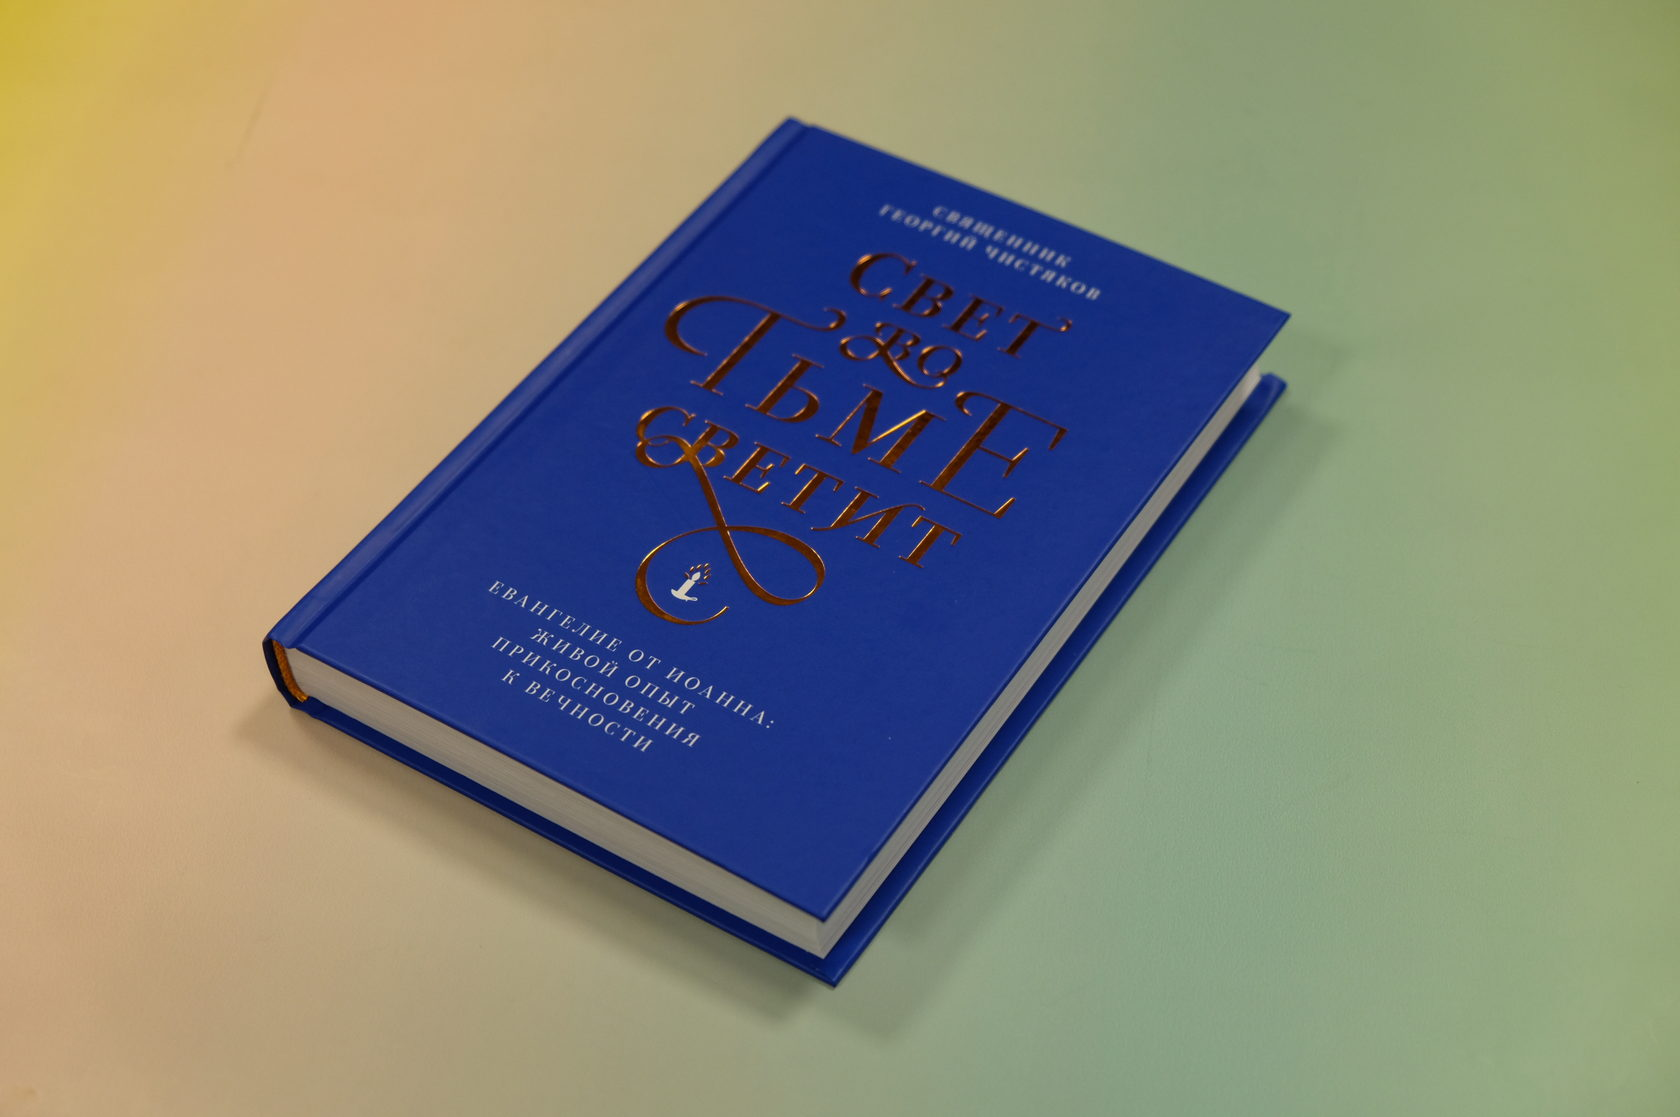 Георгий Чистяков «Свет во тьме светит. Евангелие от Иоанна: живой опыт прикосновения к вечности»